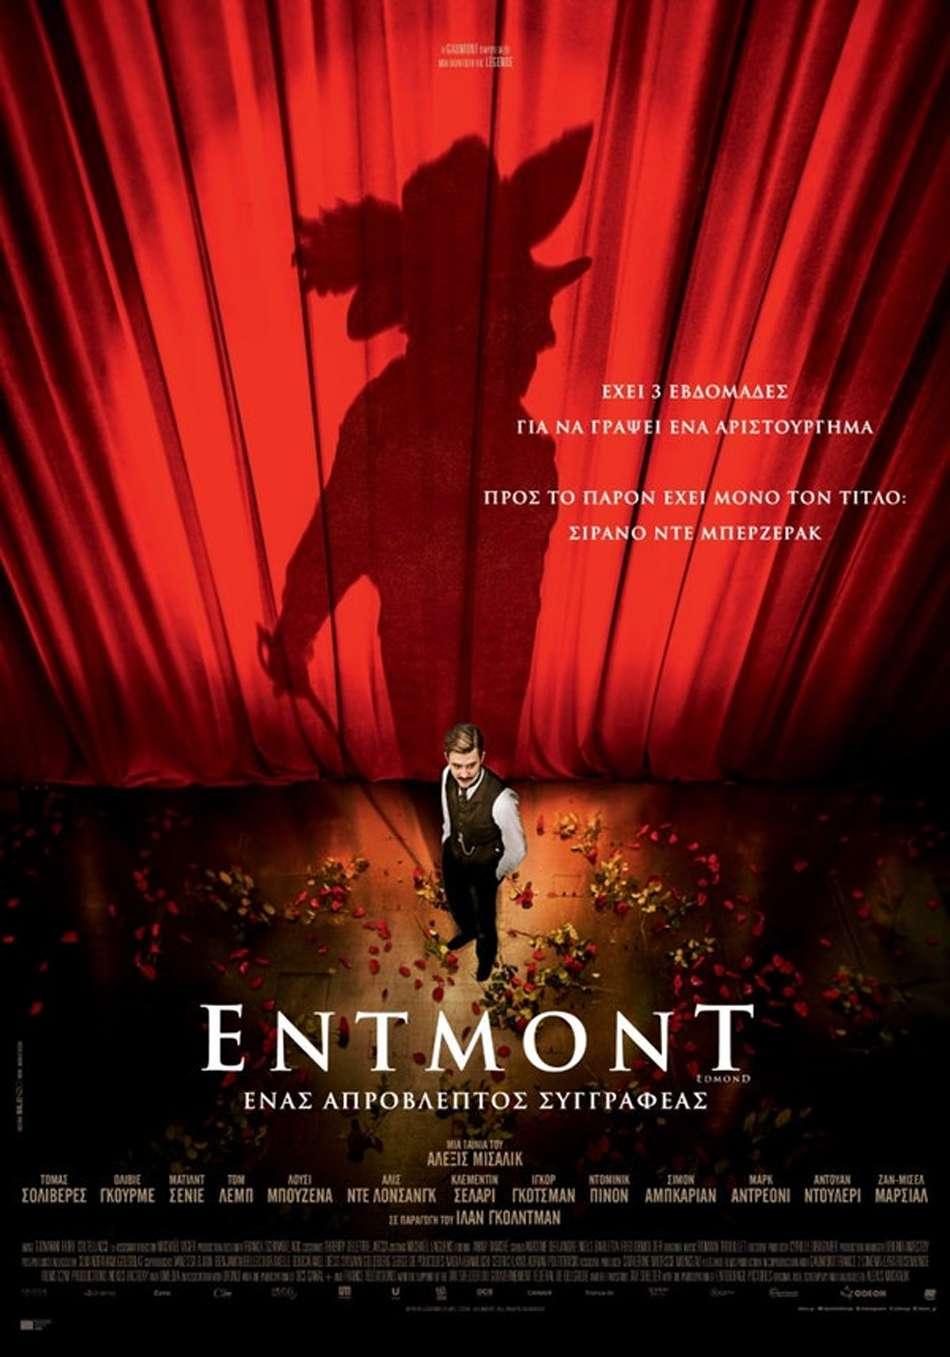 Έντμοντ: Ένας Απρόβλεπτος Συγγραφέας (Edmond) Trailer / Τρέιλερ Poster